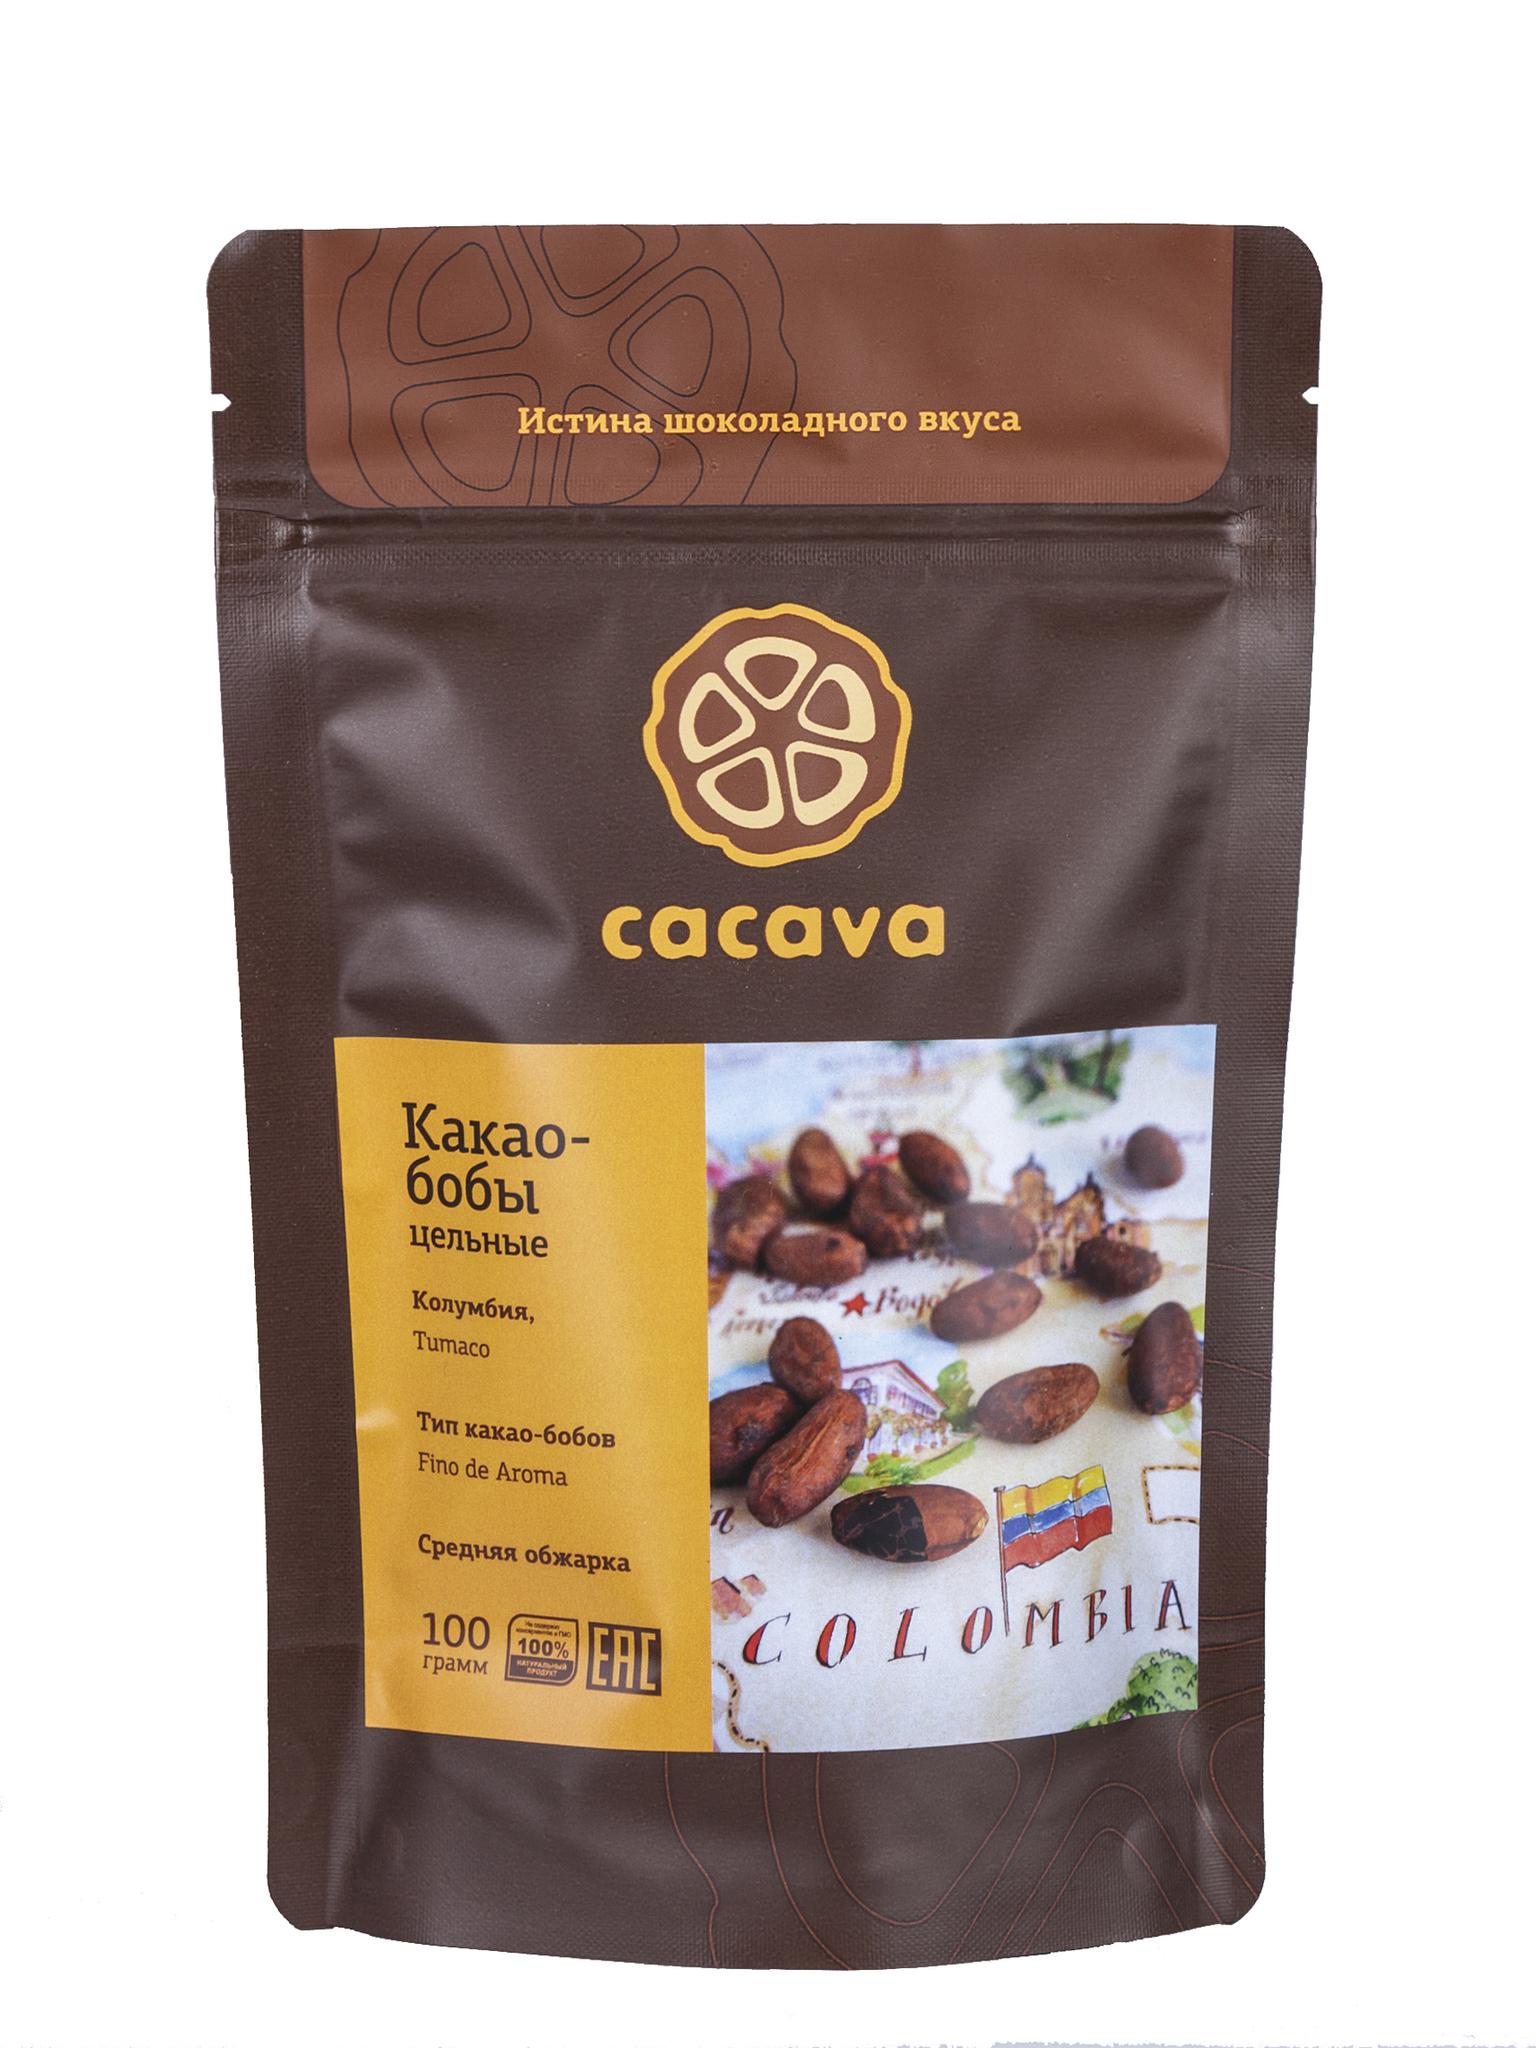 Какао-бобы цельные (Колумбия), Tumaco, упаковка 100 грамм